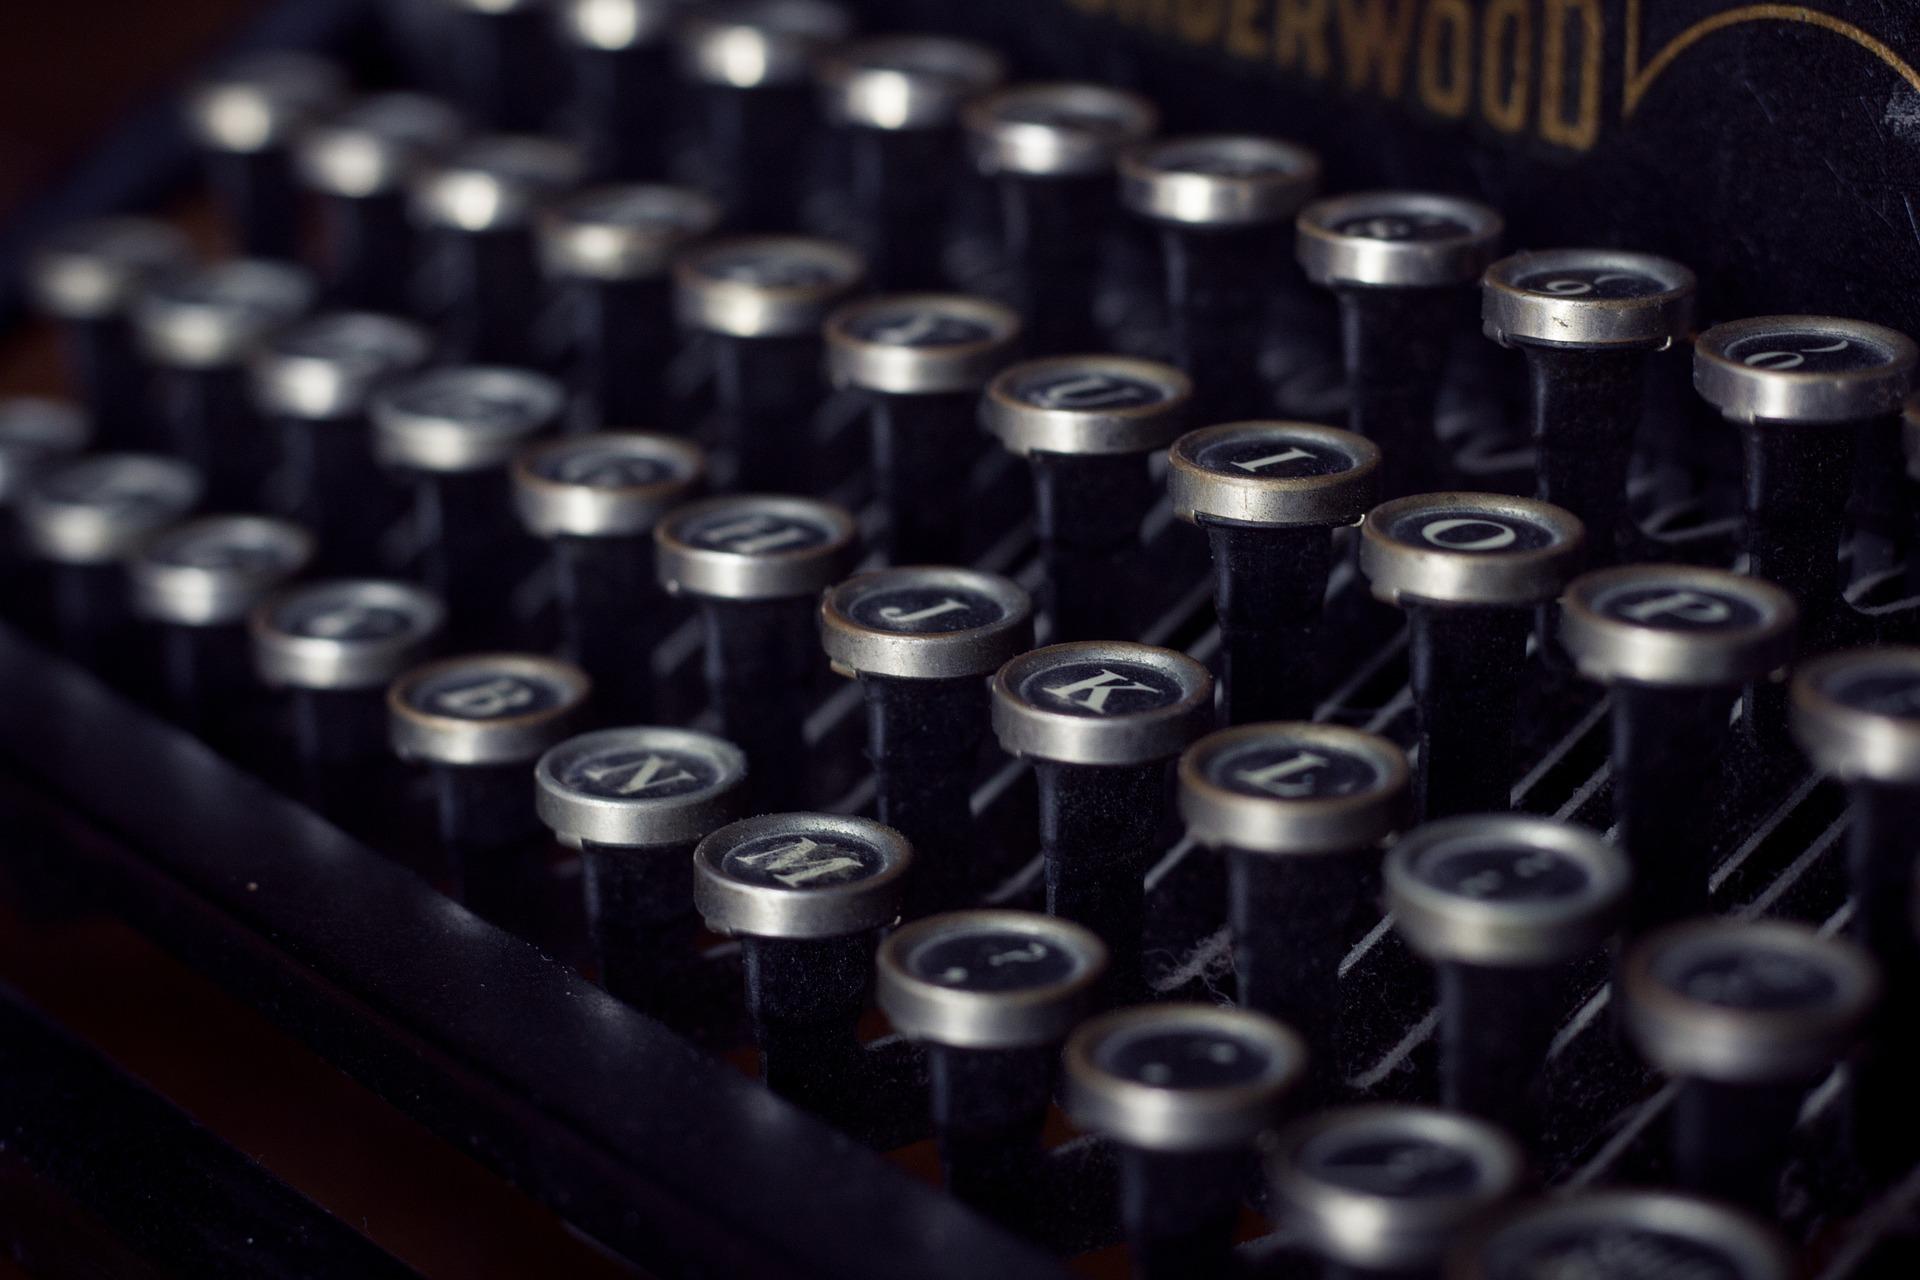 打字机, 年份, 老, 钥匙 - 高清壁纸 - 教授-falken.com